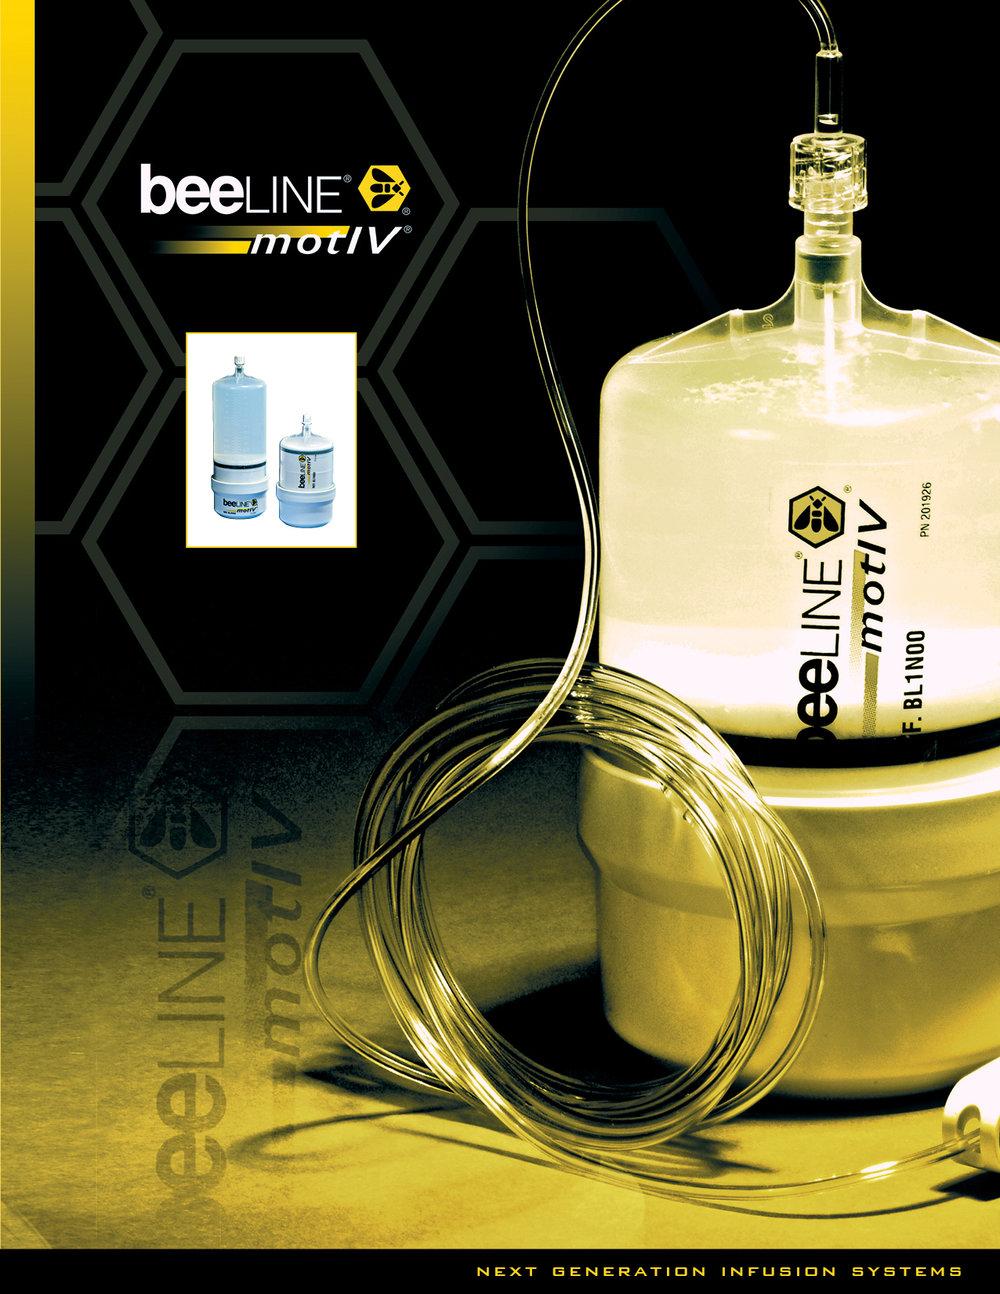 Beelineweb.jpg